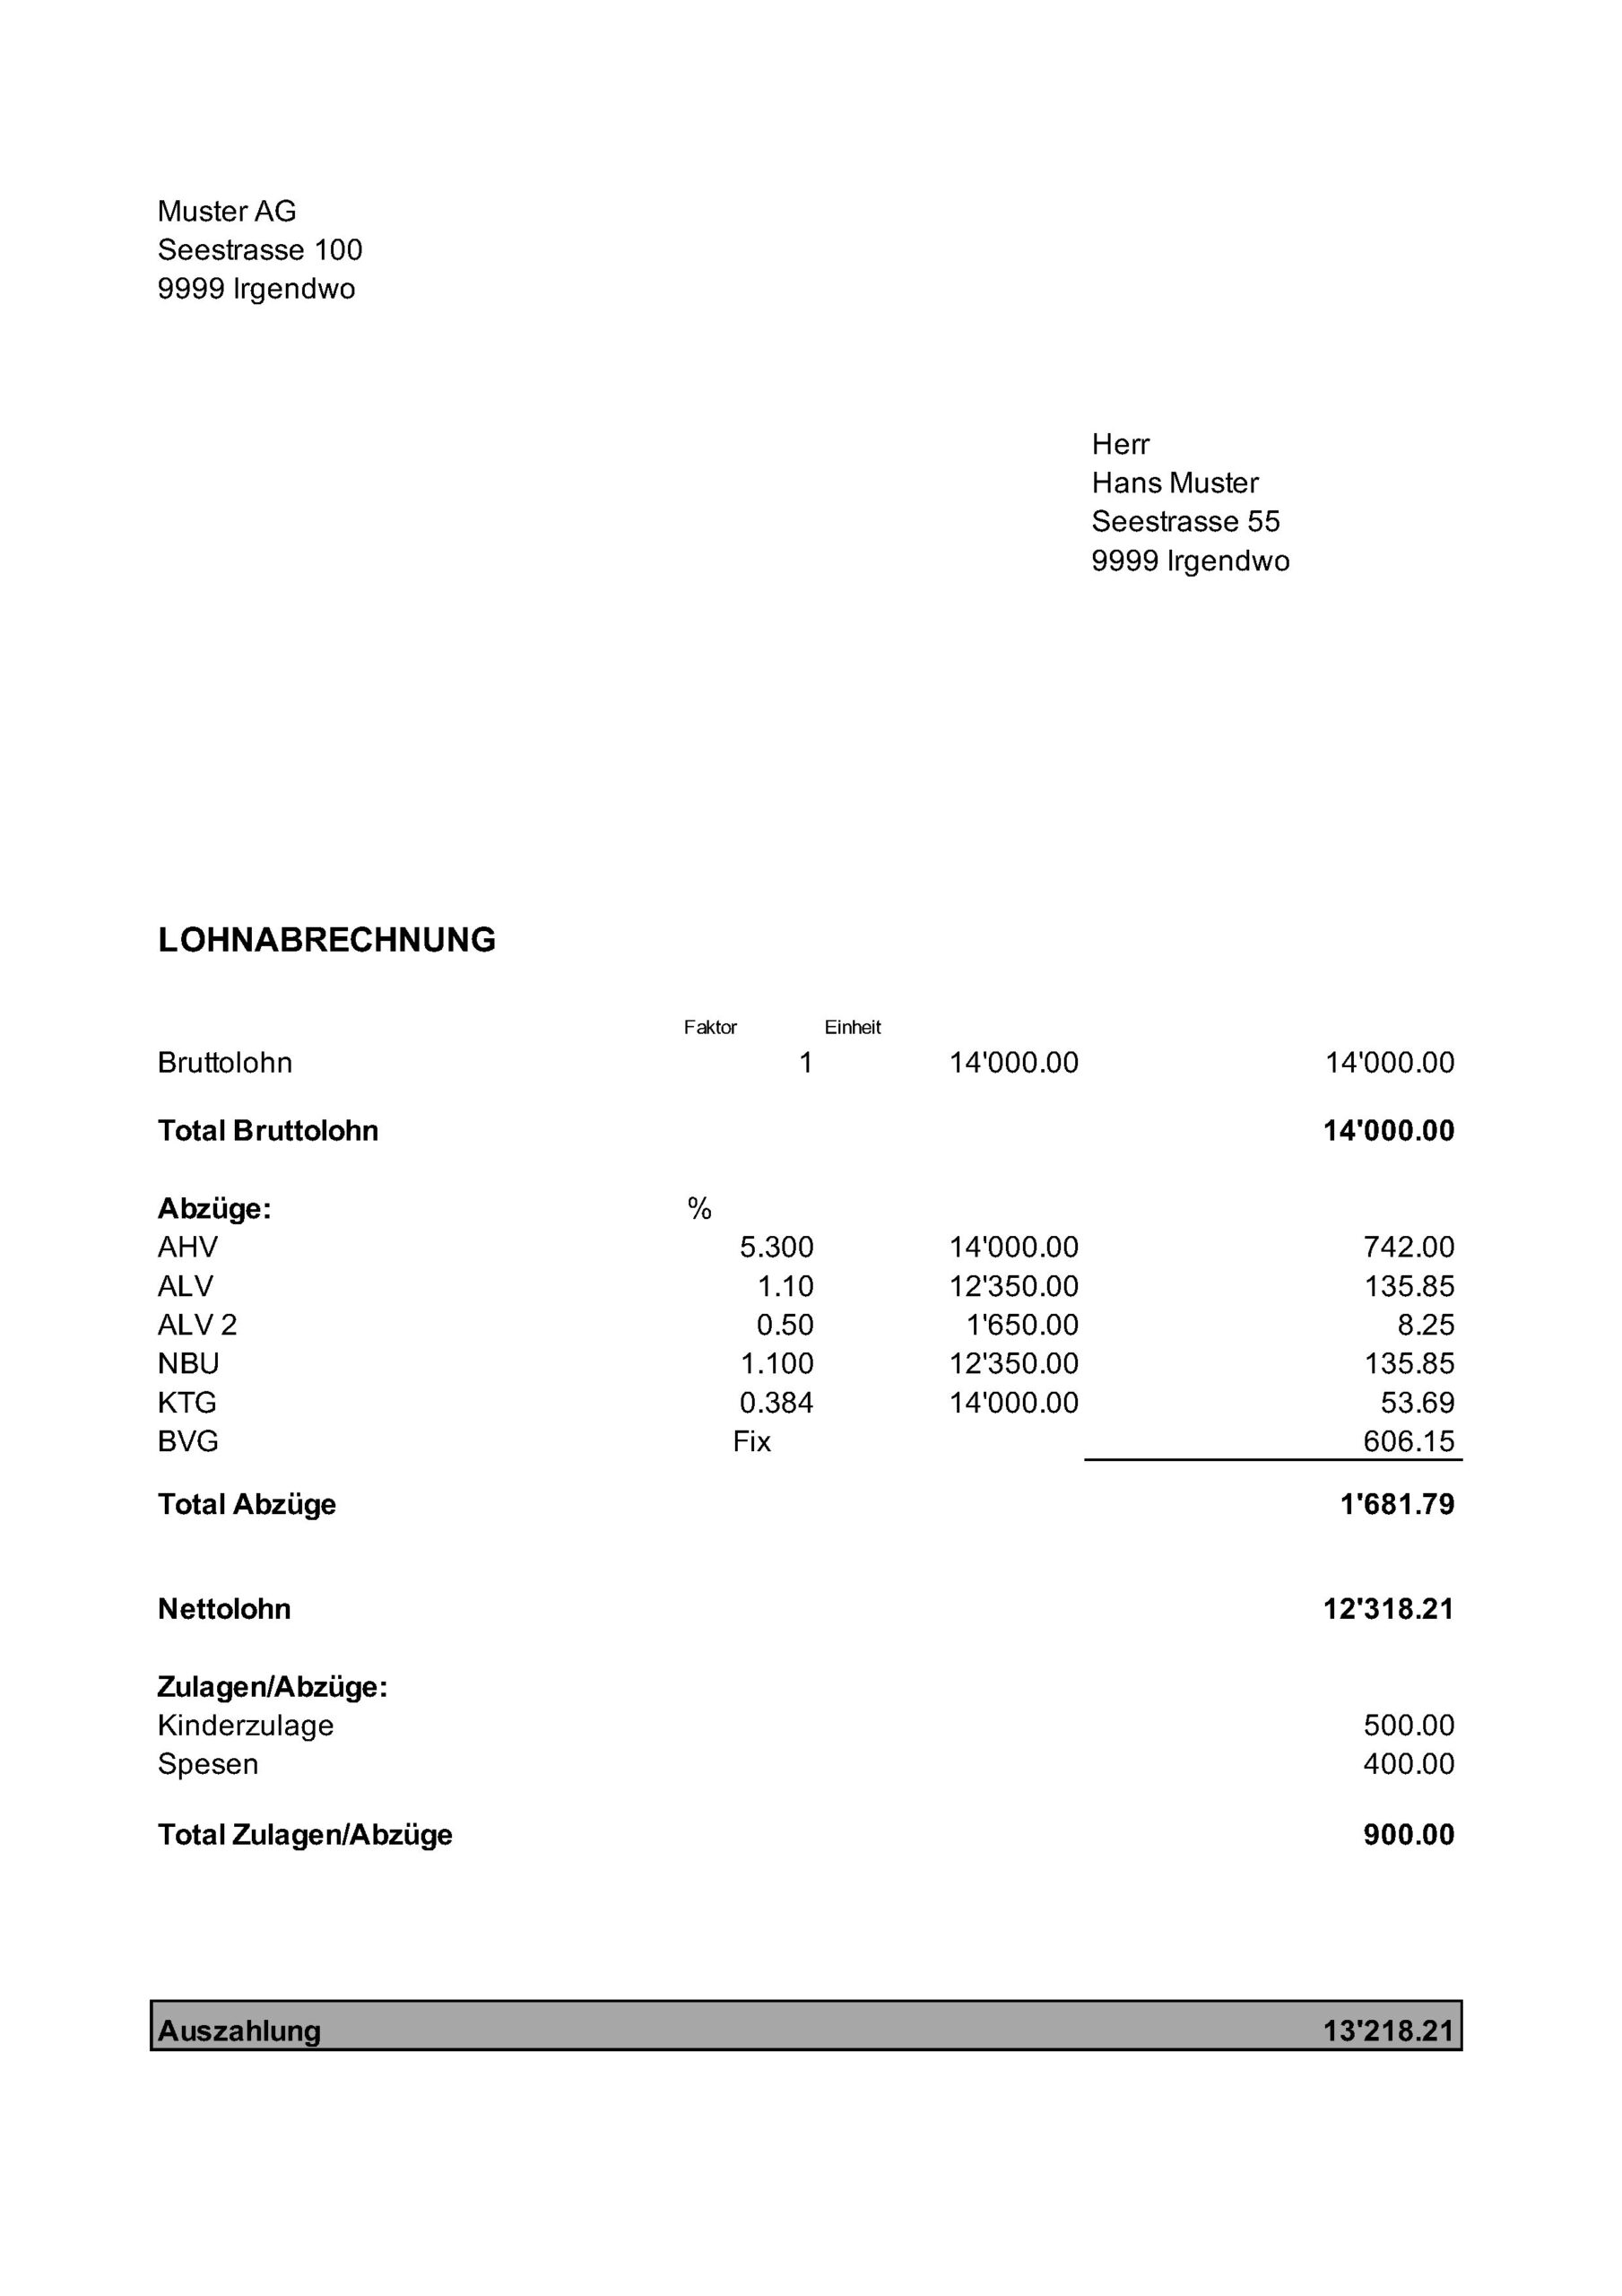 Vorlage Lohnabrechnung Monatslohn - XLS